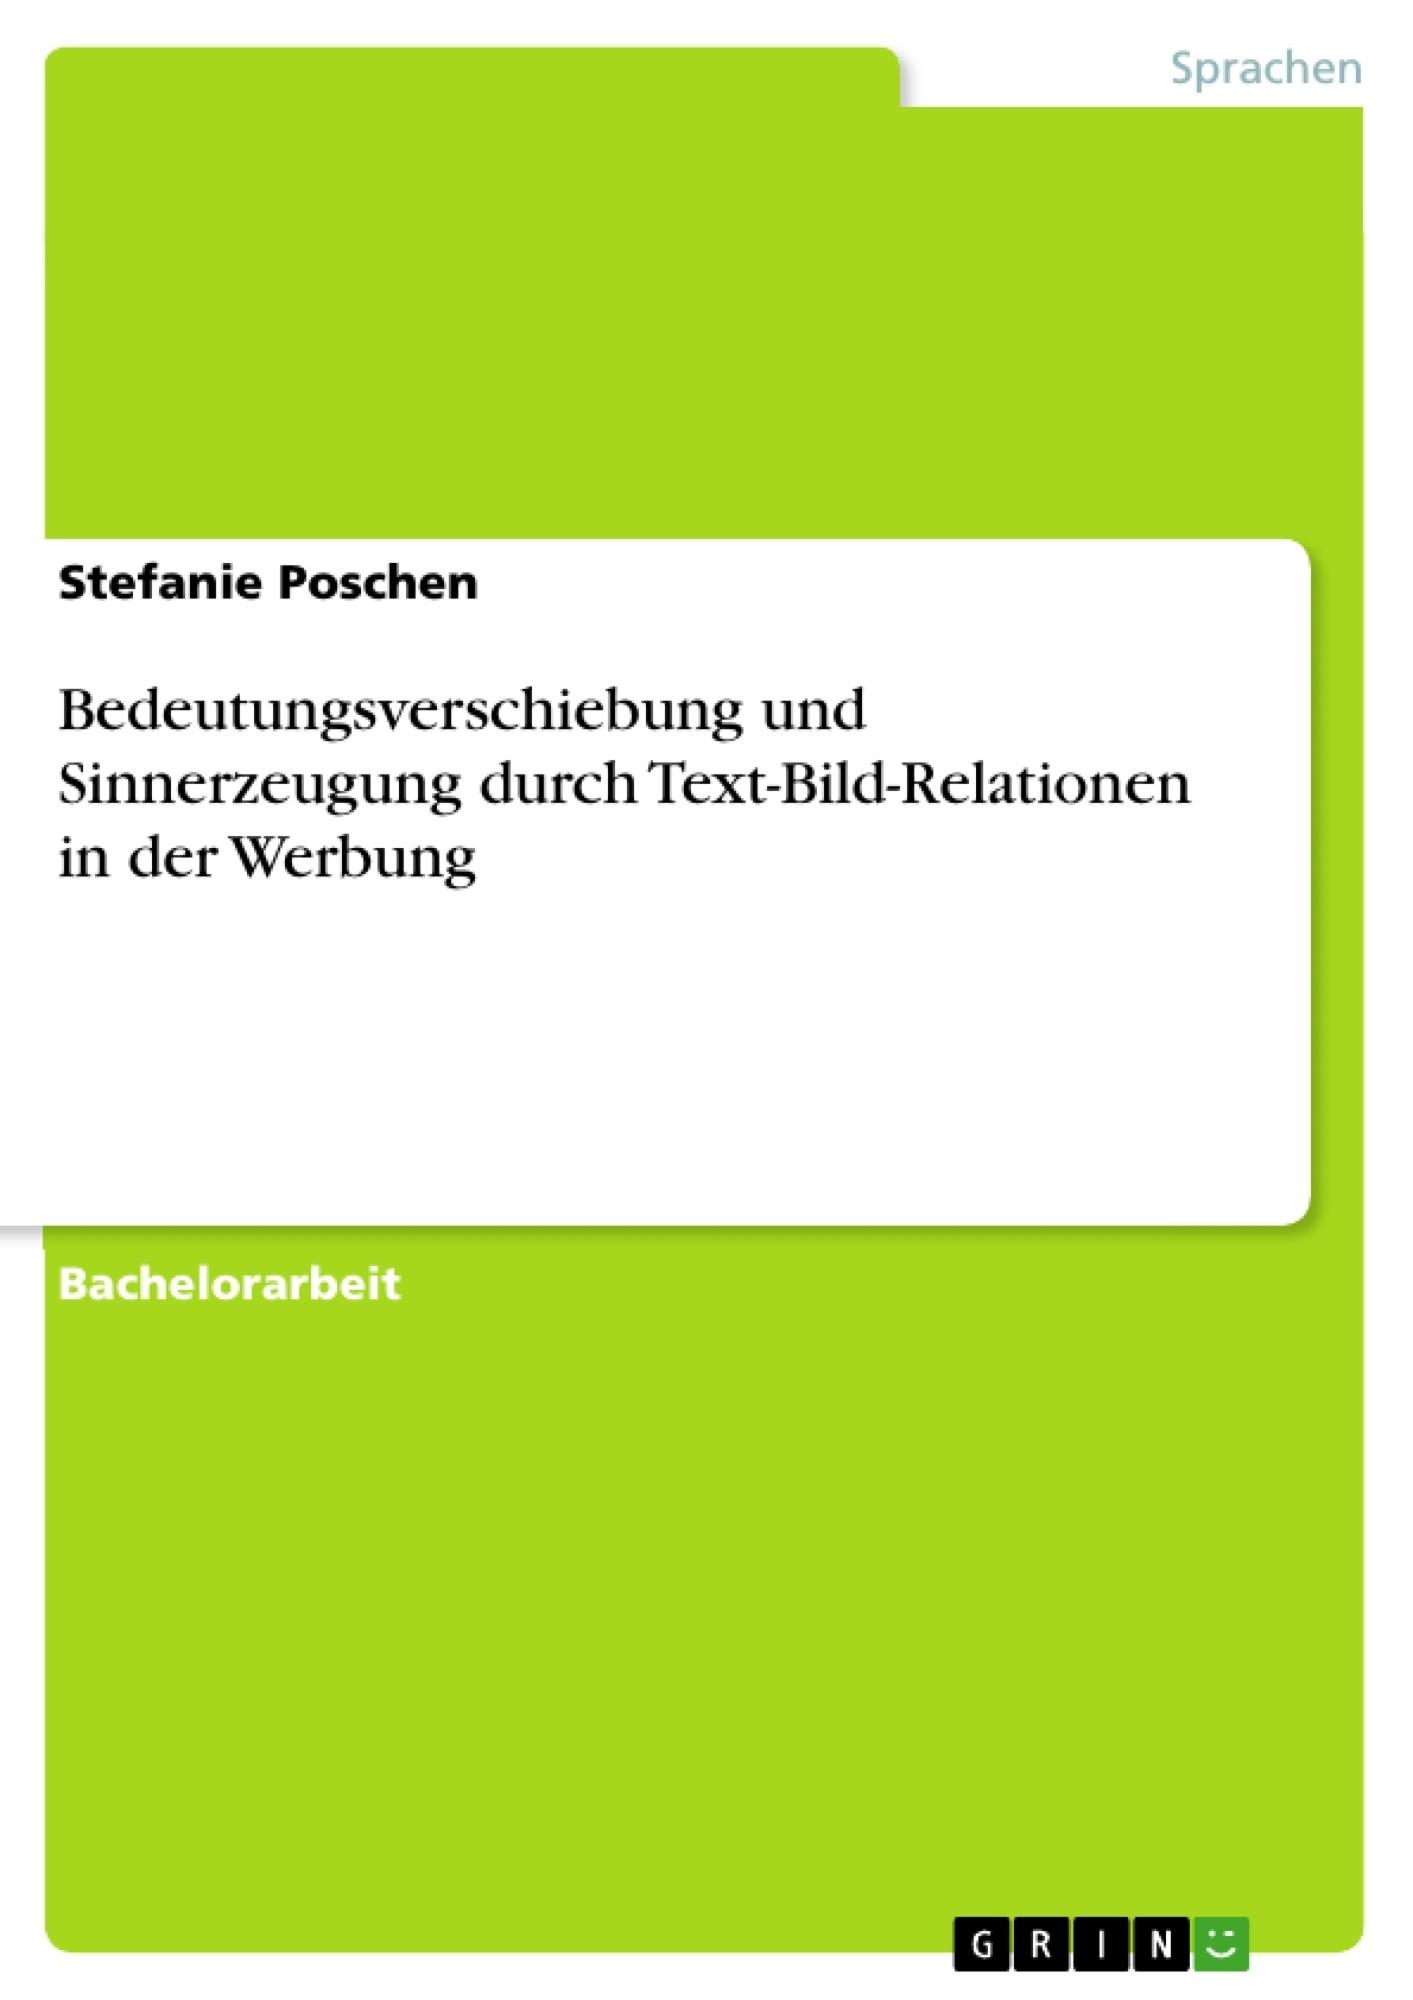 Titel: Bedeutungsverschiebung und Sinnerzeugung  durch Text-Bild-Relationen in der Werbung